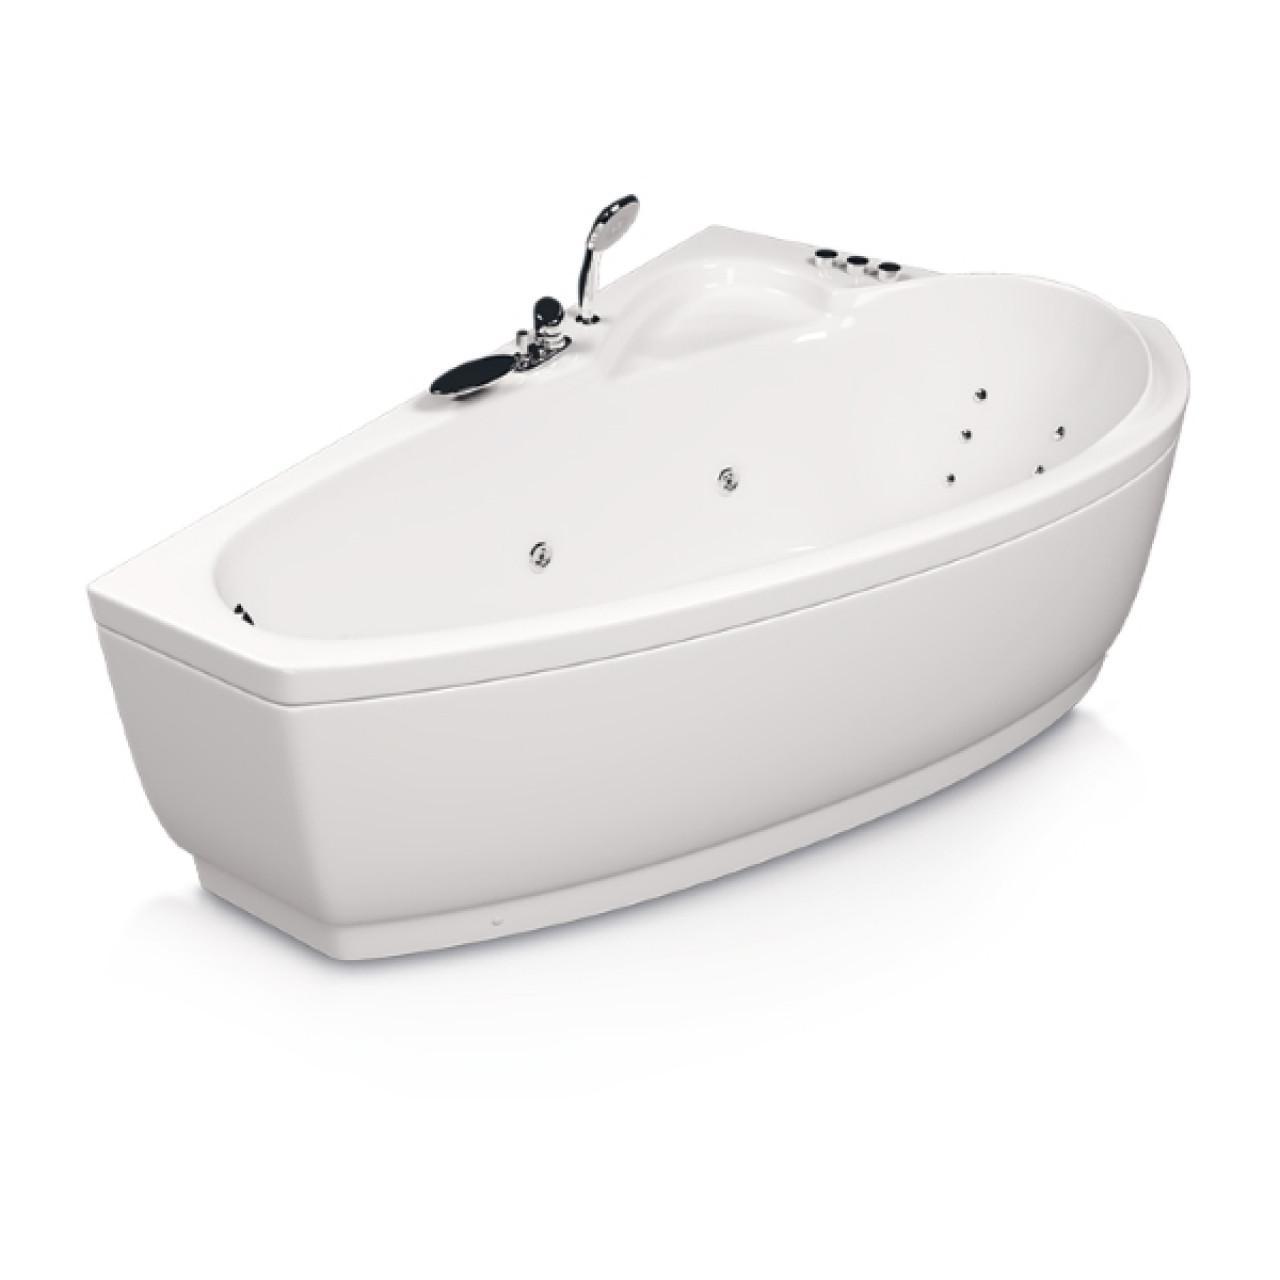 Акриловая ванна Акватика Логика Reflexa 160x105x61 купить в Москве по цене от 106478р. в интернет-магазине mebel-v-vannu.ru